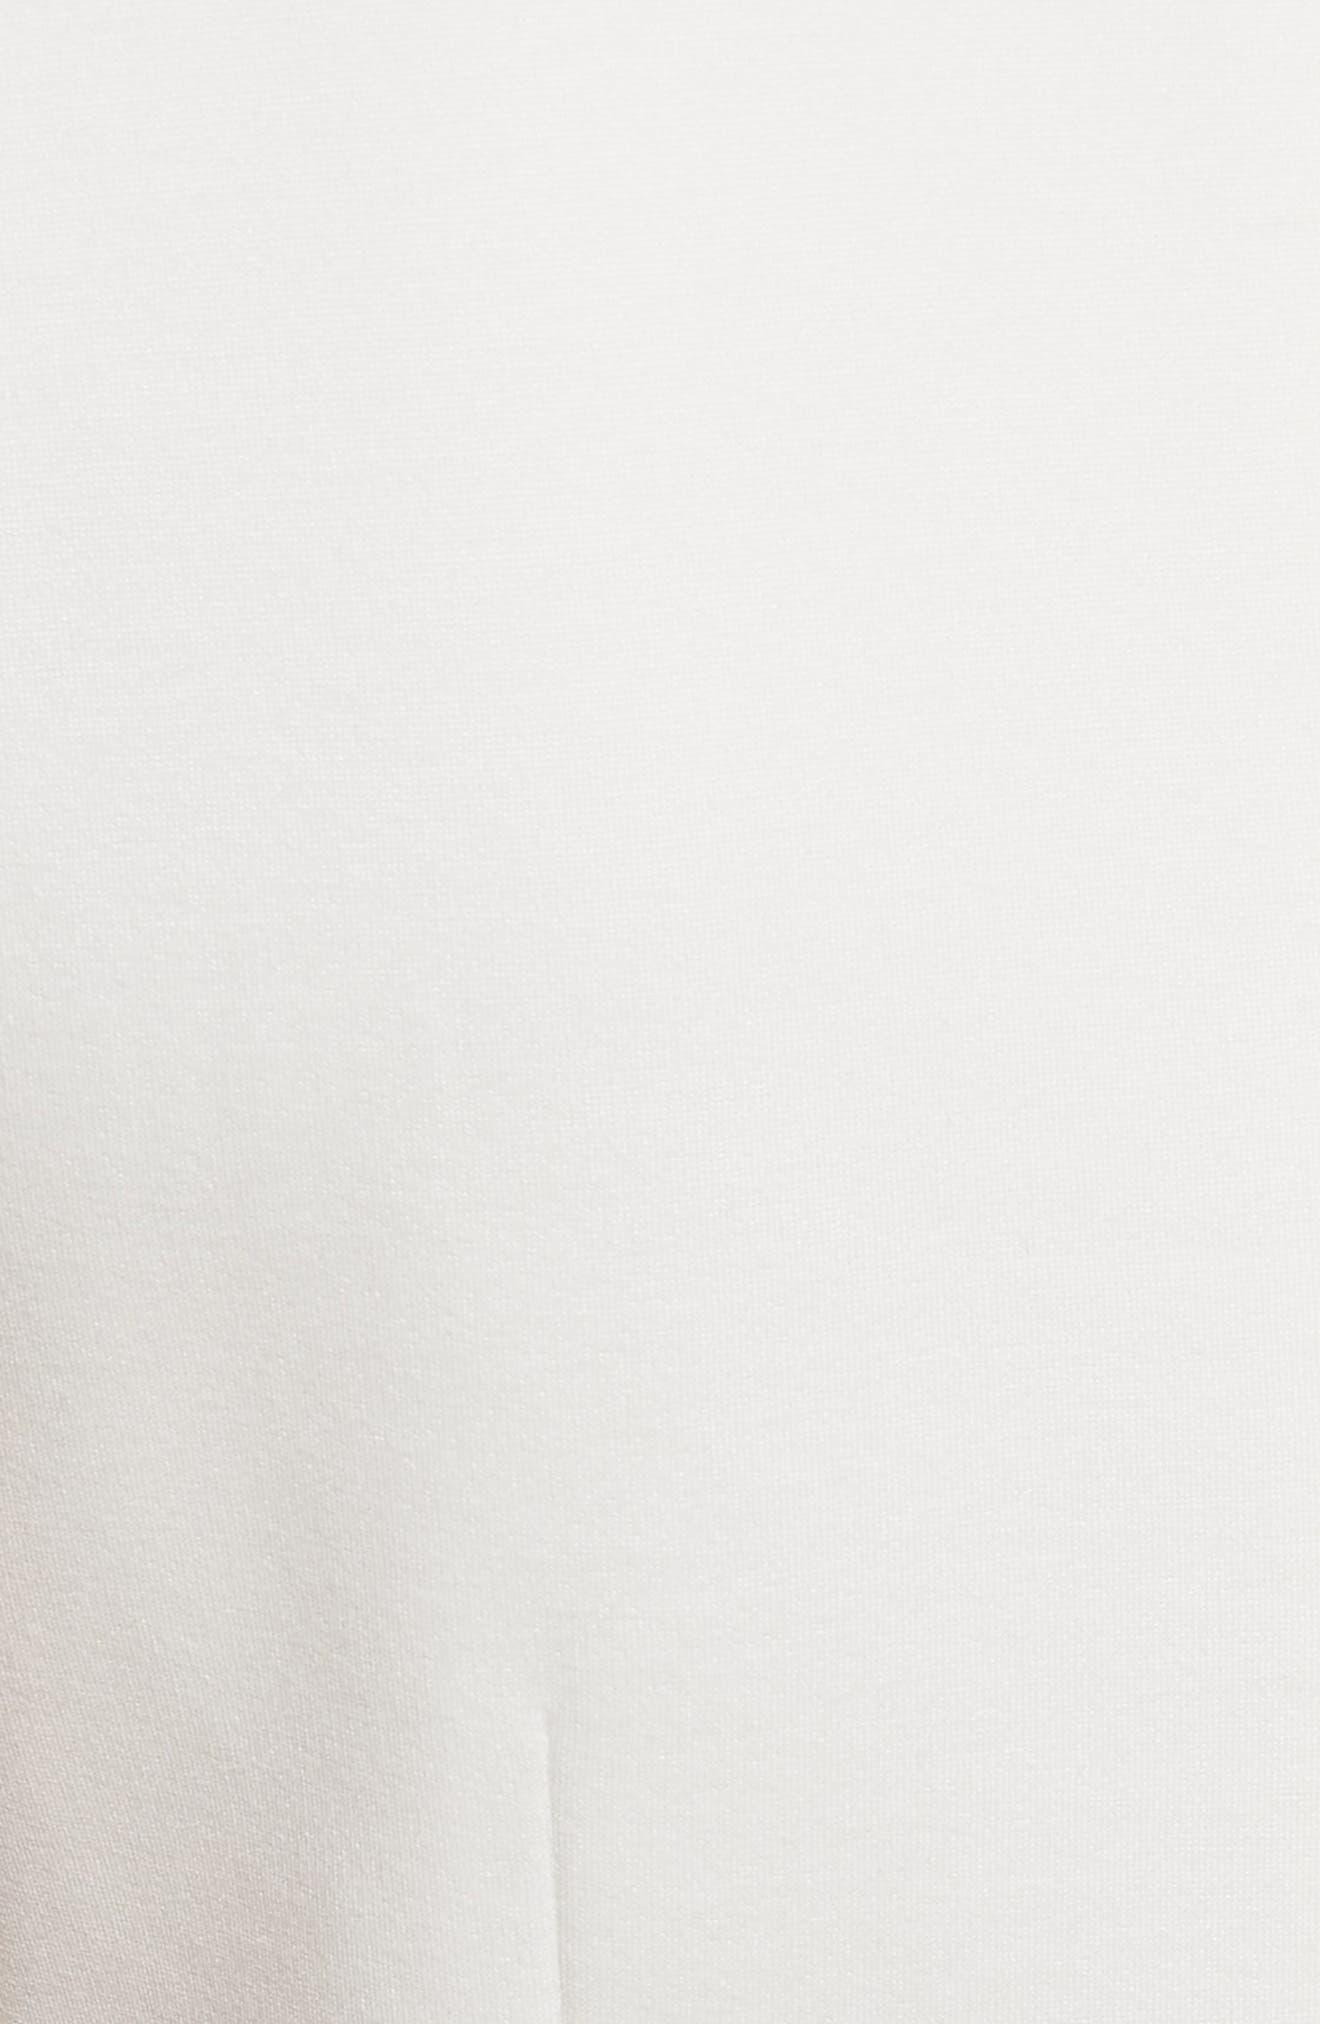 TED BAKER LONDON,                             Emmona Embroidered Skater Dress,                             Alternate thumbnail 5, color,                             905